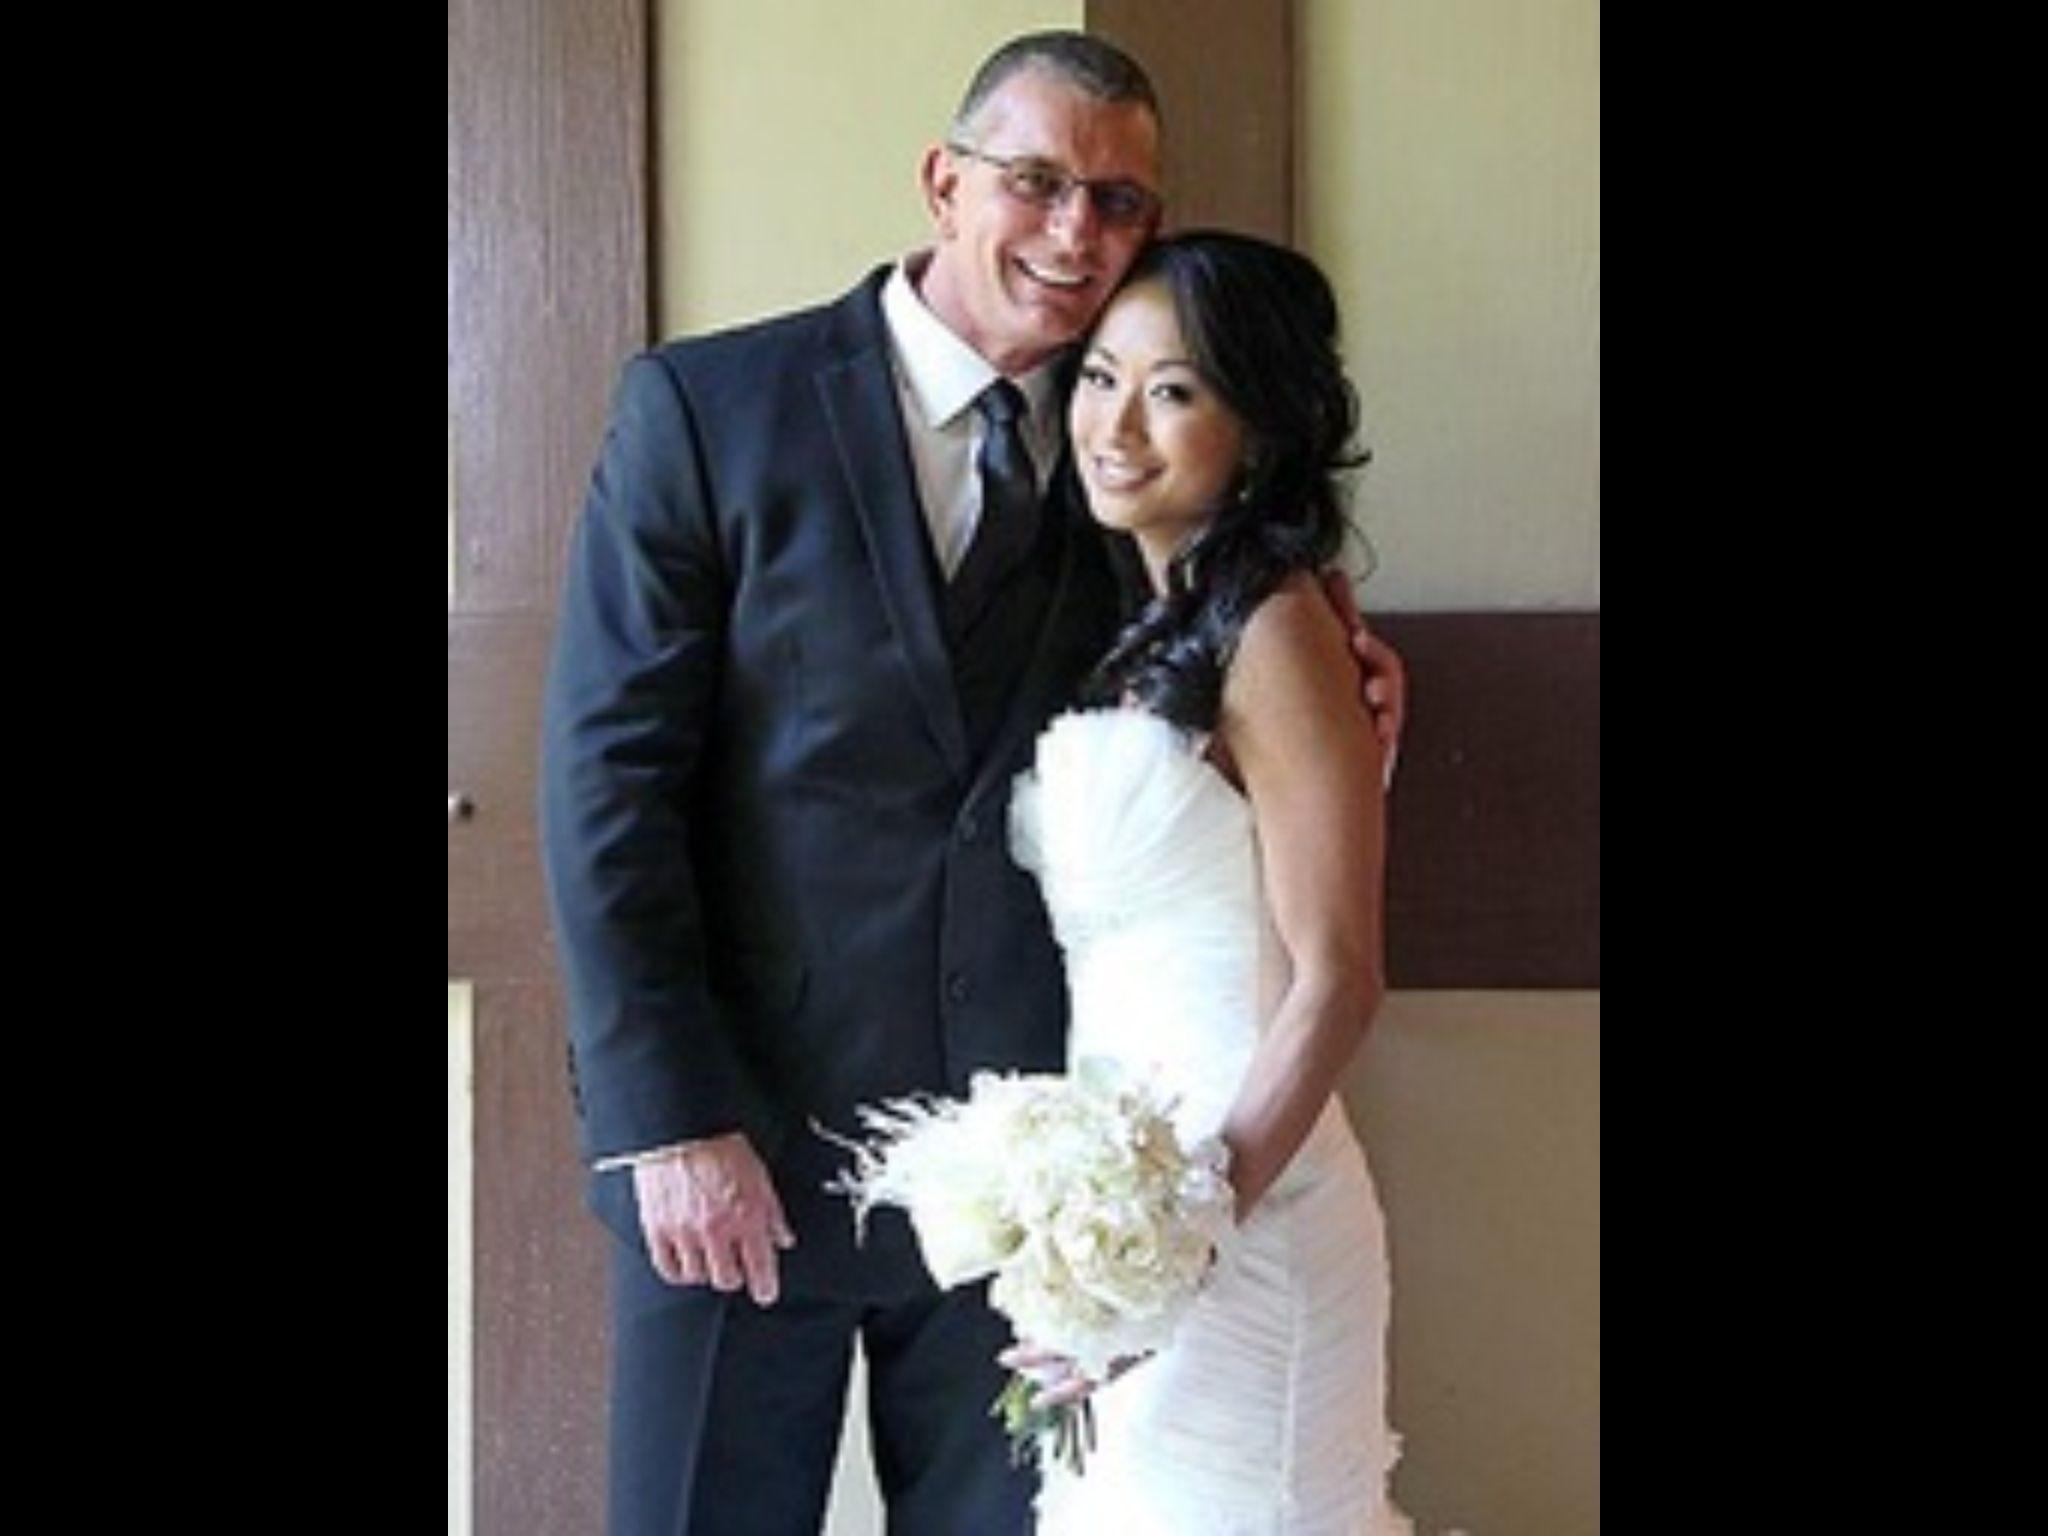 Random beautiful interracial wedding photo beautiful interracial